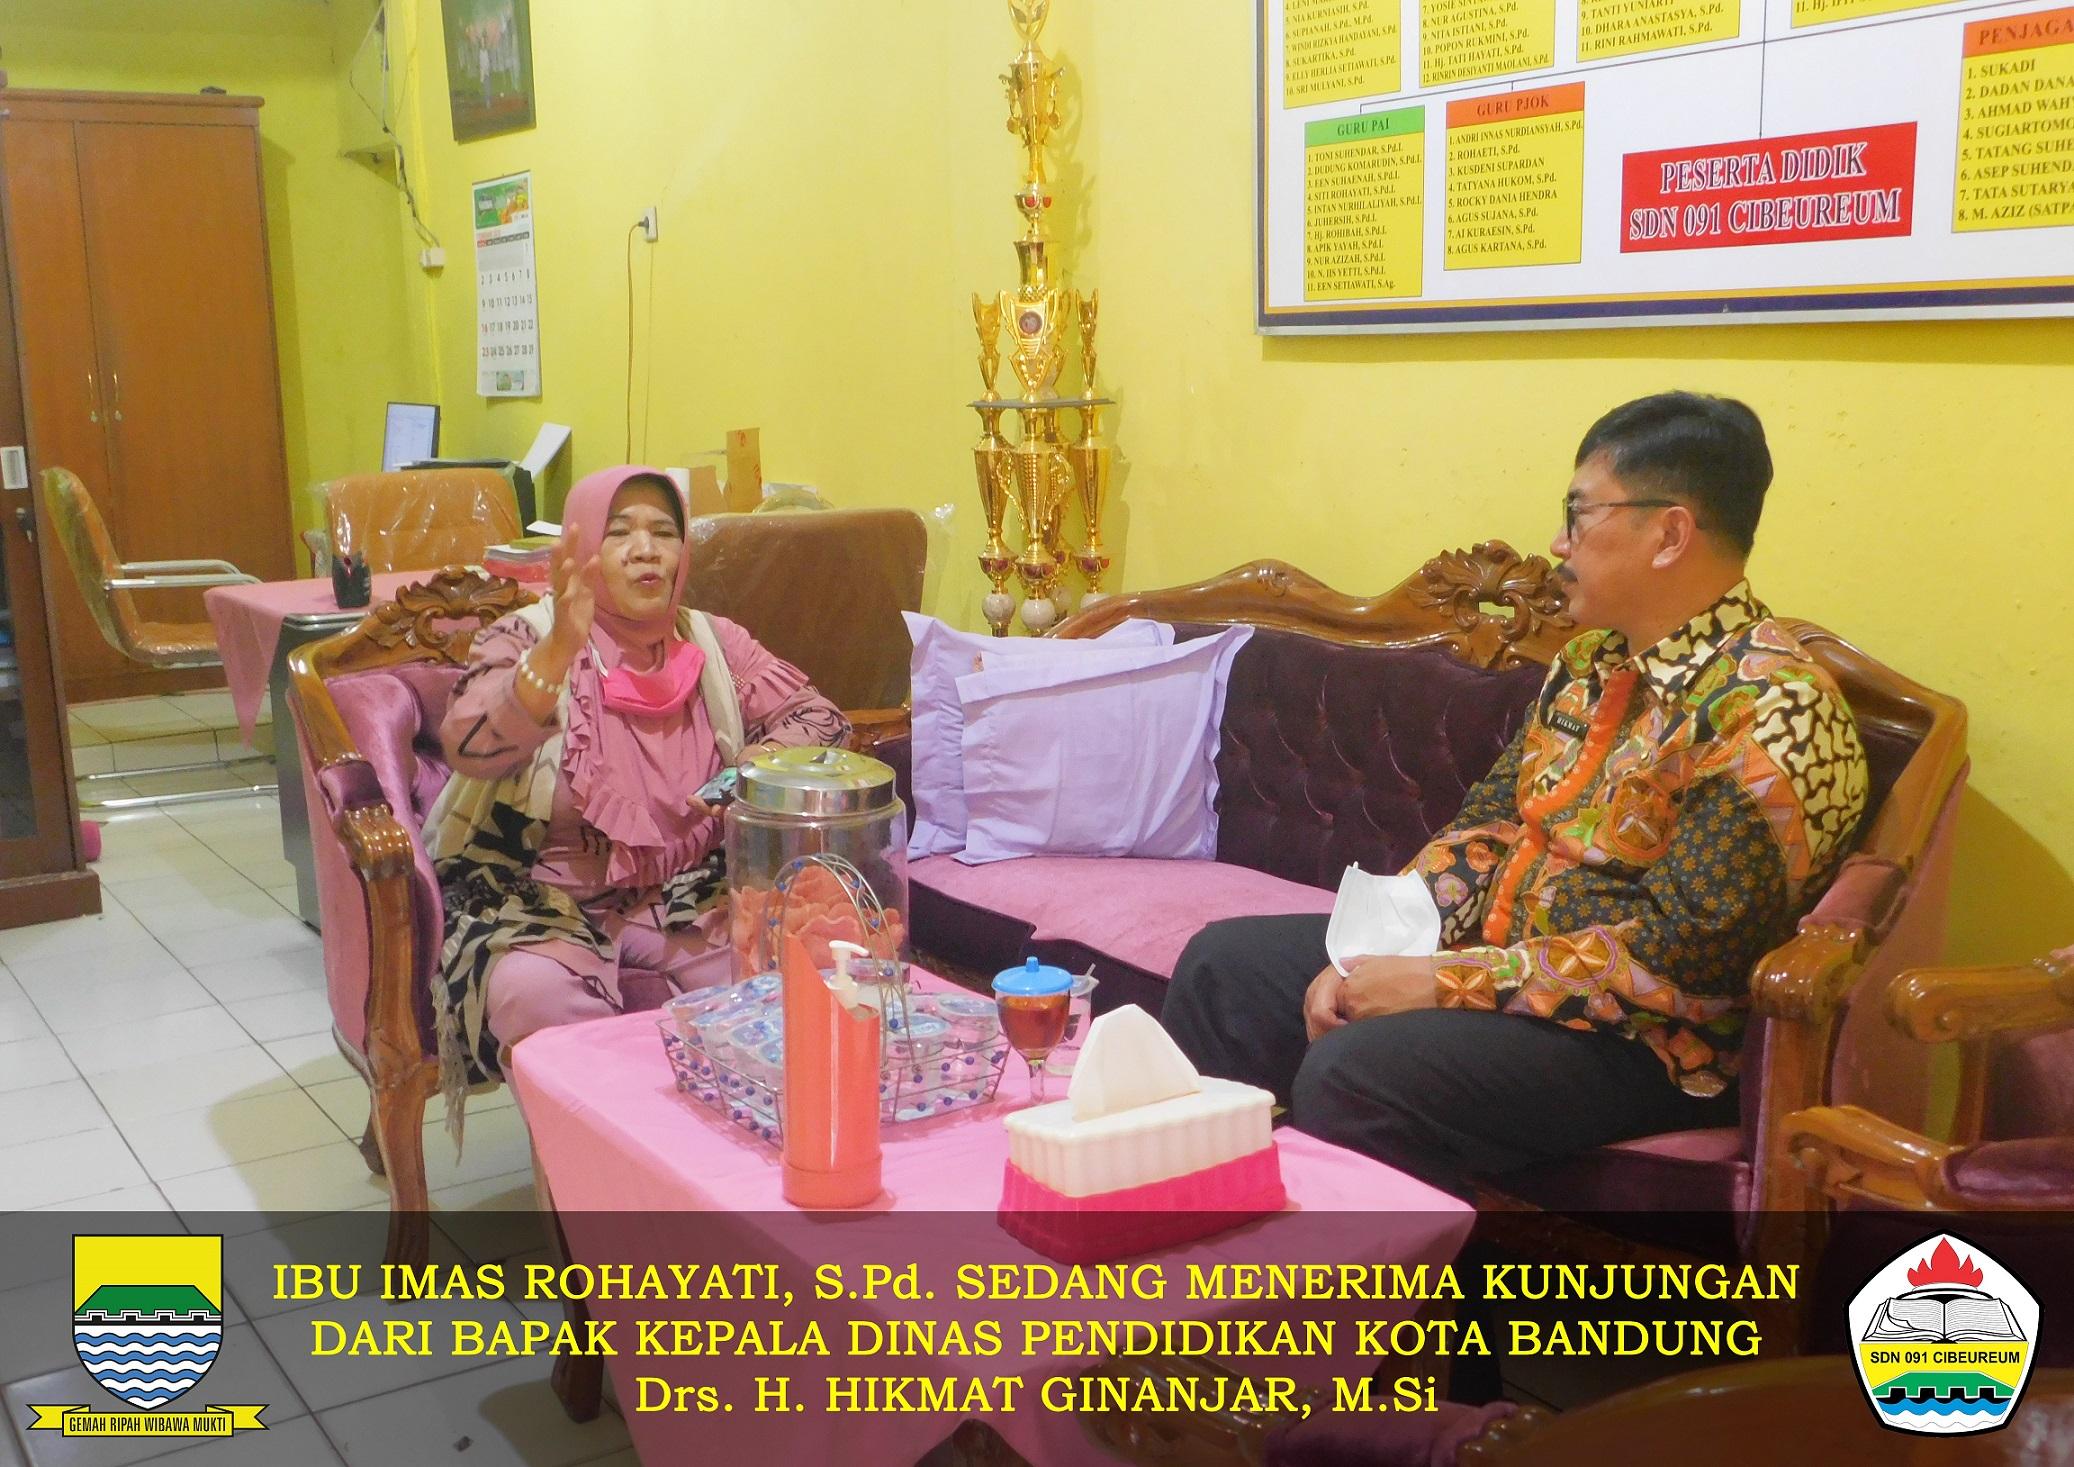 Ibu Kepala SDN 091 CIbeureum bersama Bapak Kadis Pendidikan Kota Bandung